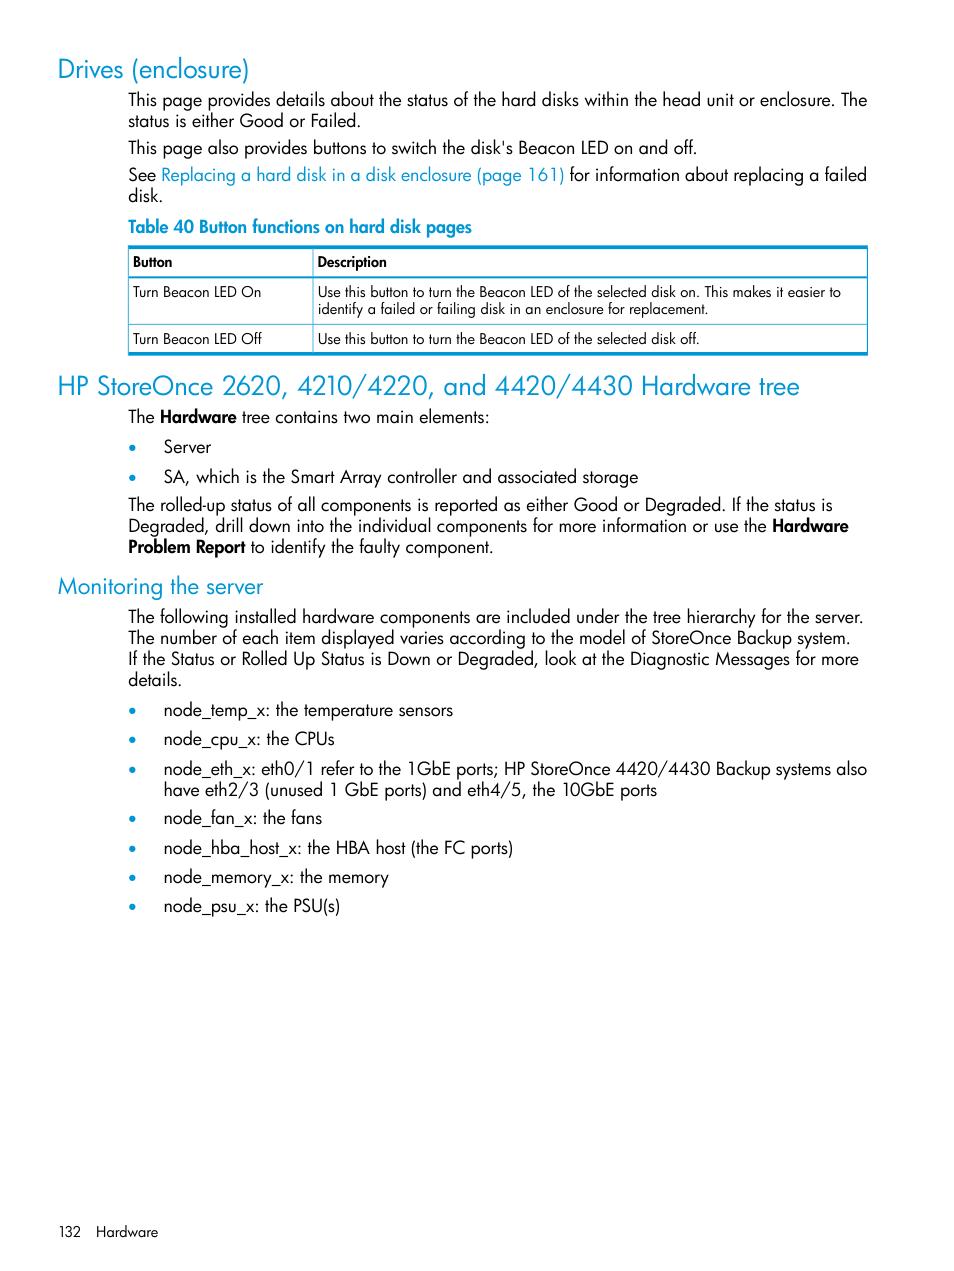 Drives (enclosure), Monitoring the server | HP StoreOnce Backup User Manual  | Page 132 / 204